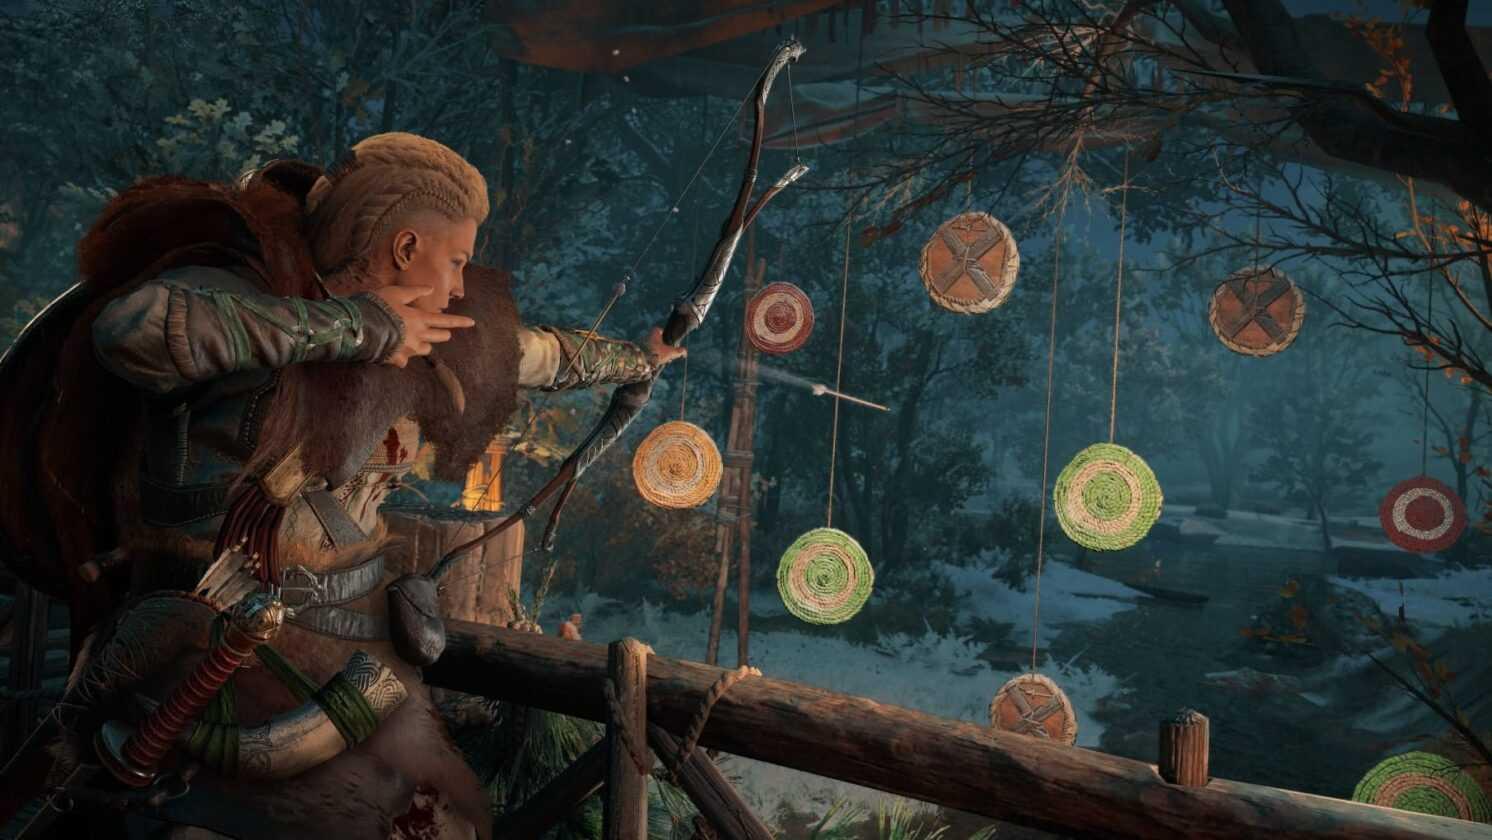 Le Festival De Yule A Commencé Dans Assassin's Creed Valhalla: